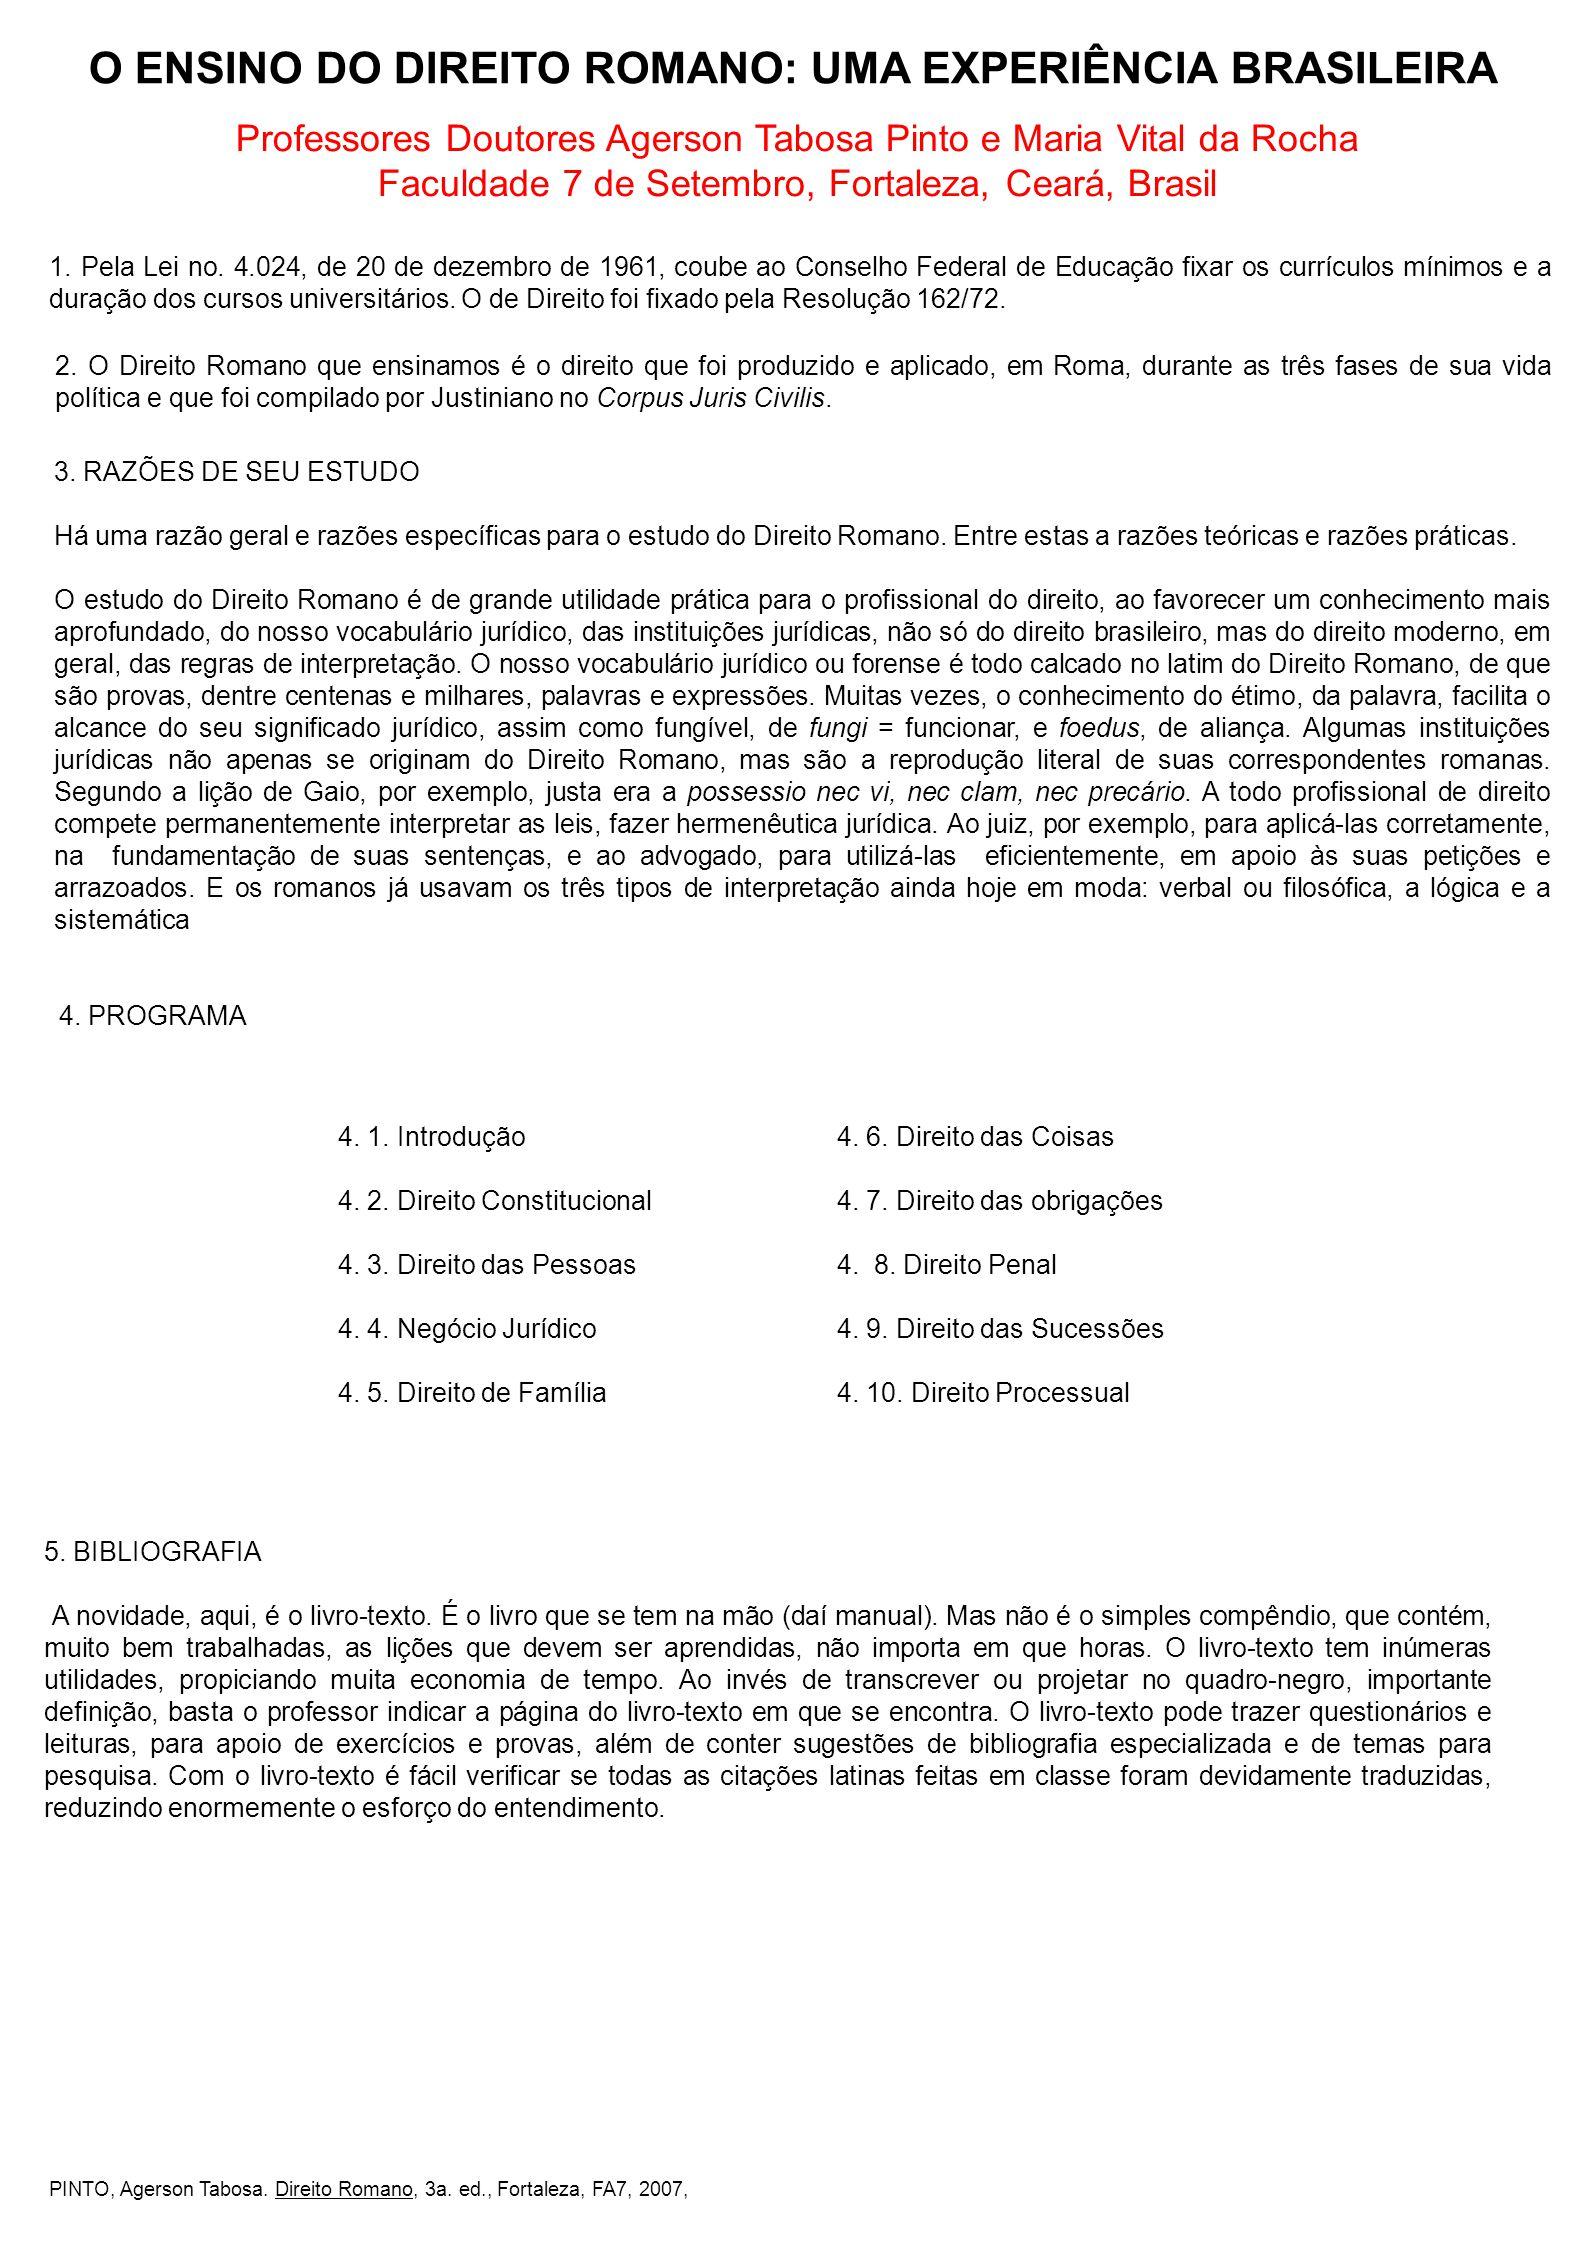 O ENSINO DO DIREITO ROMANO: UMA EXPERIÊNCIA BRASILEIRA Professores Doutores Agerson Tabosa Pinto e Maria Vital da Rocha Faculdade 7 de Setembro, Fortaleza, Ceará, Brasil 1.